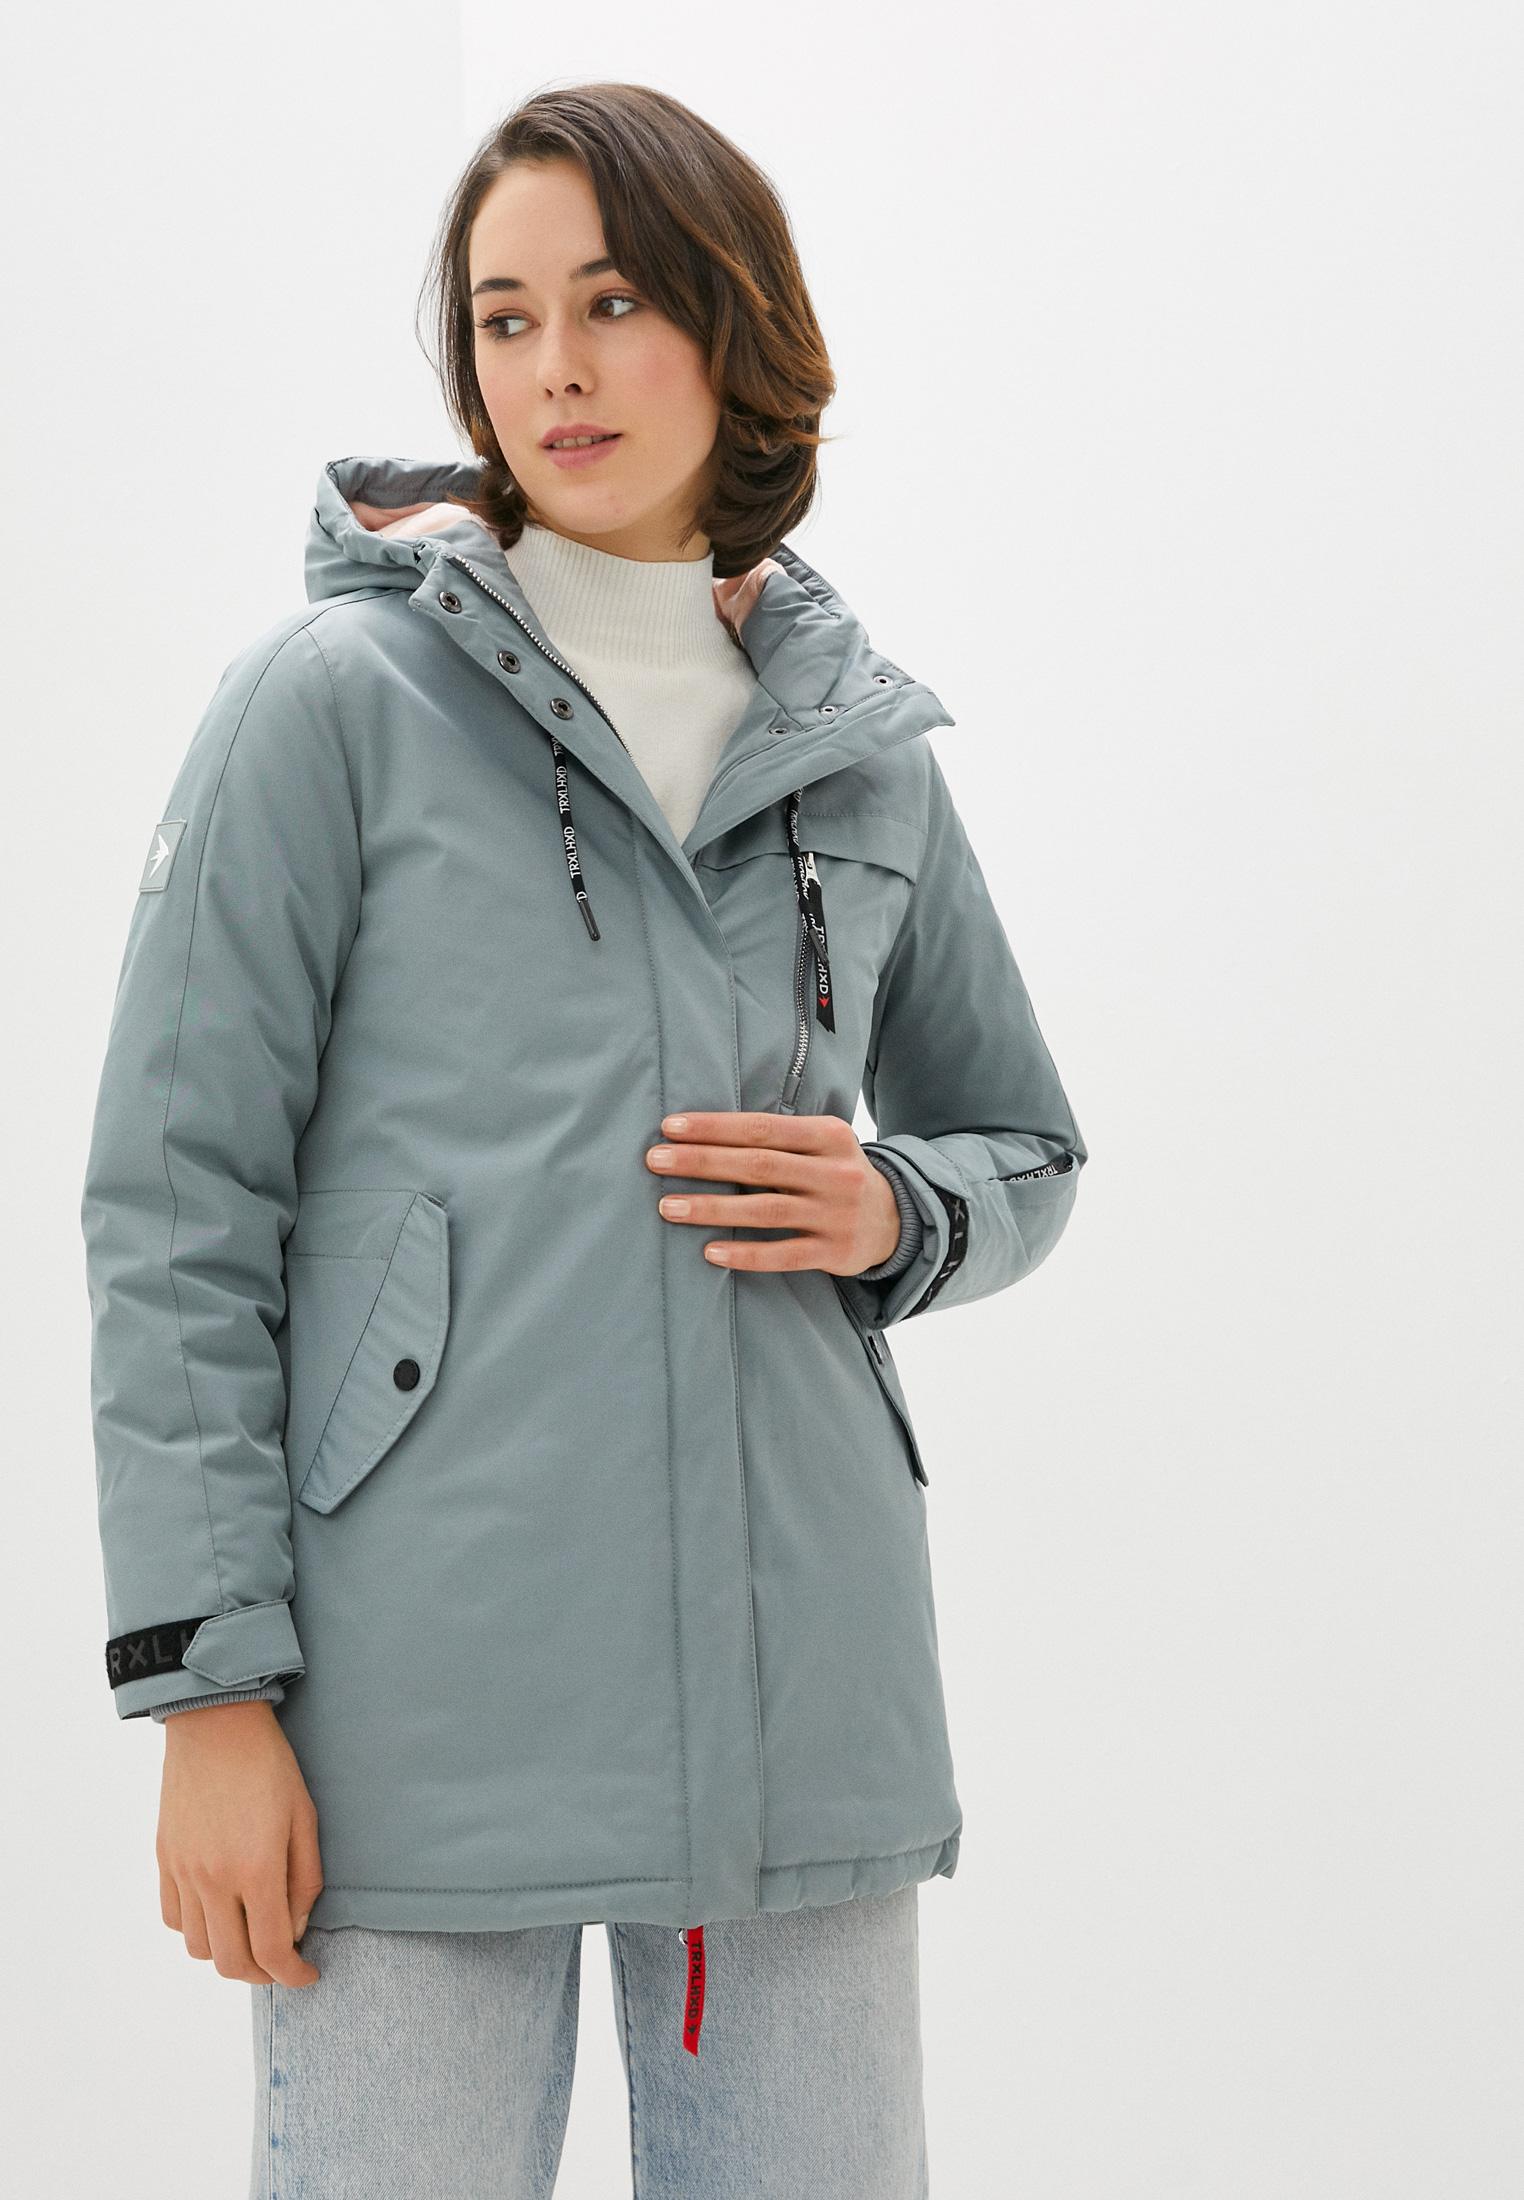 Женская верхняя одежда Trailhead WJK559